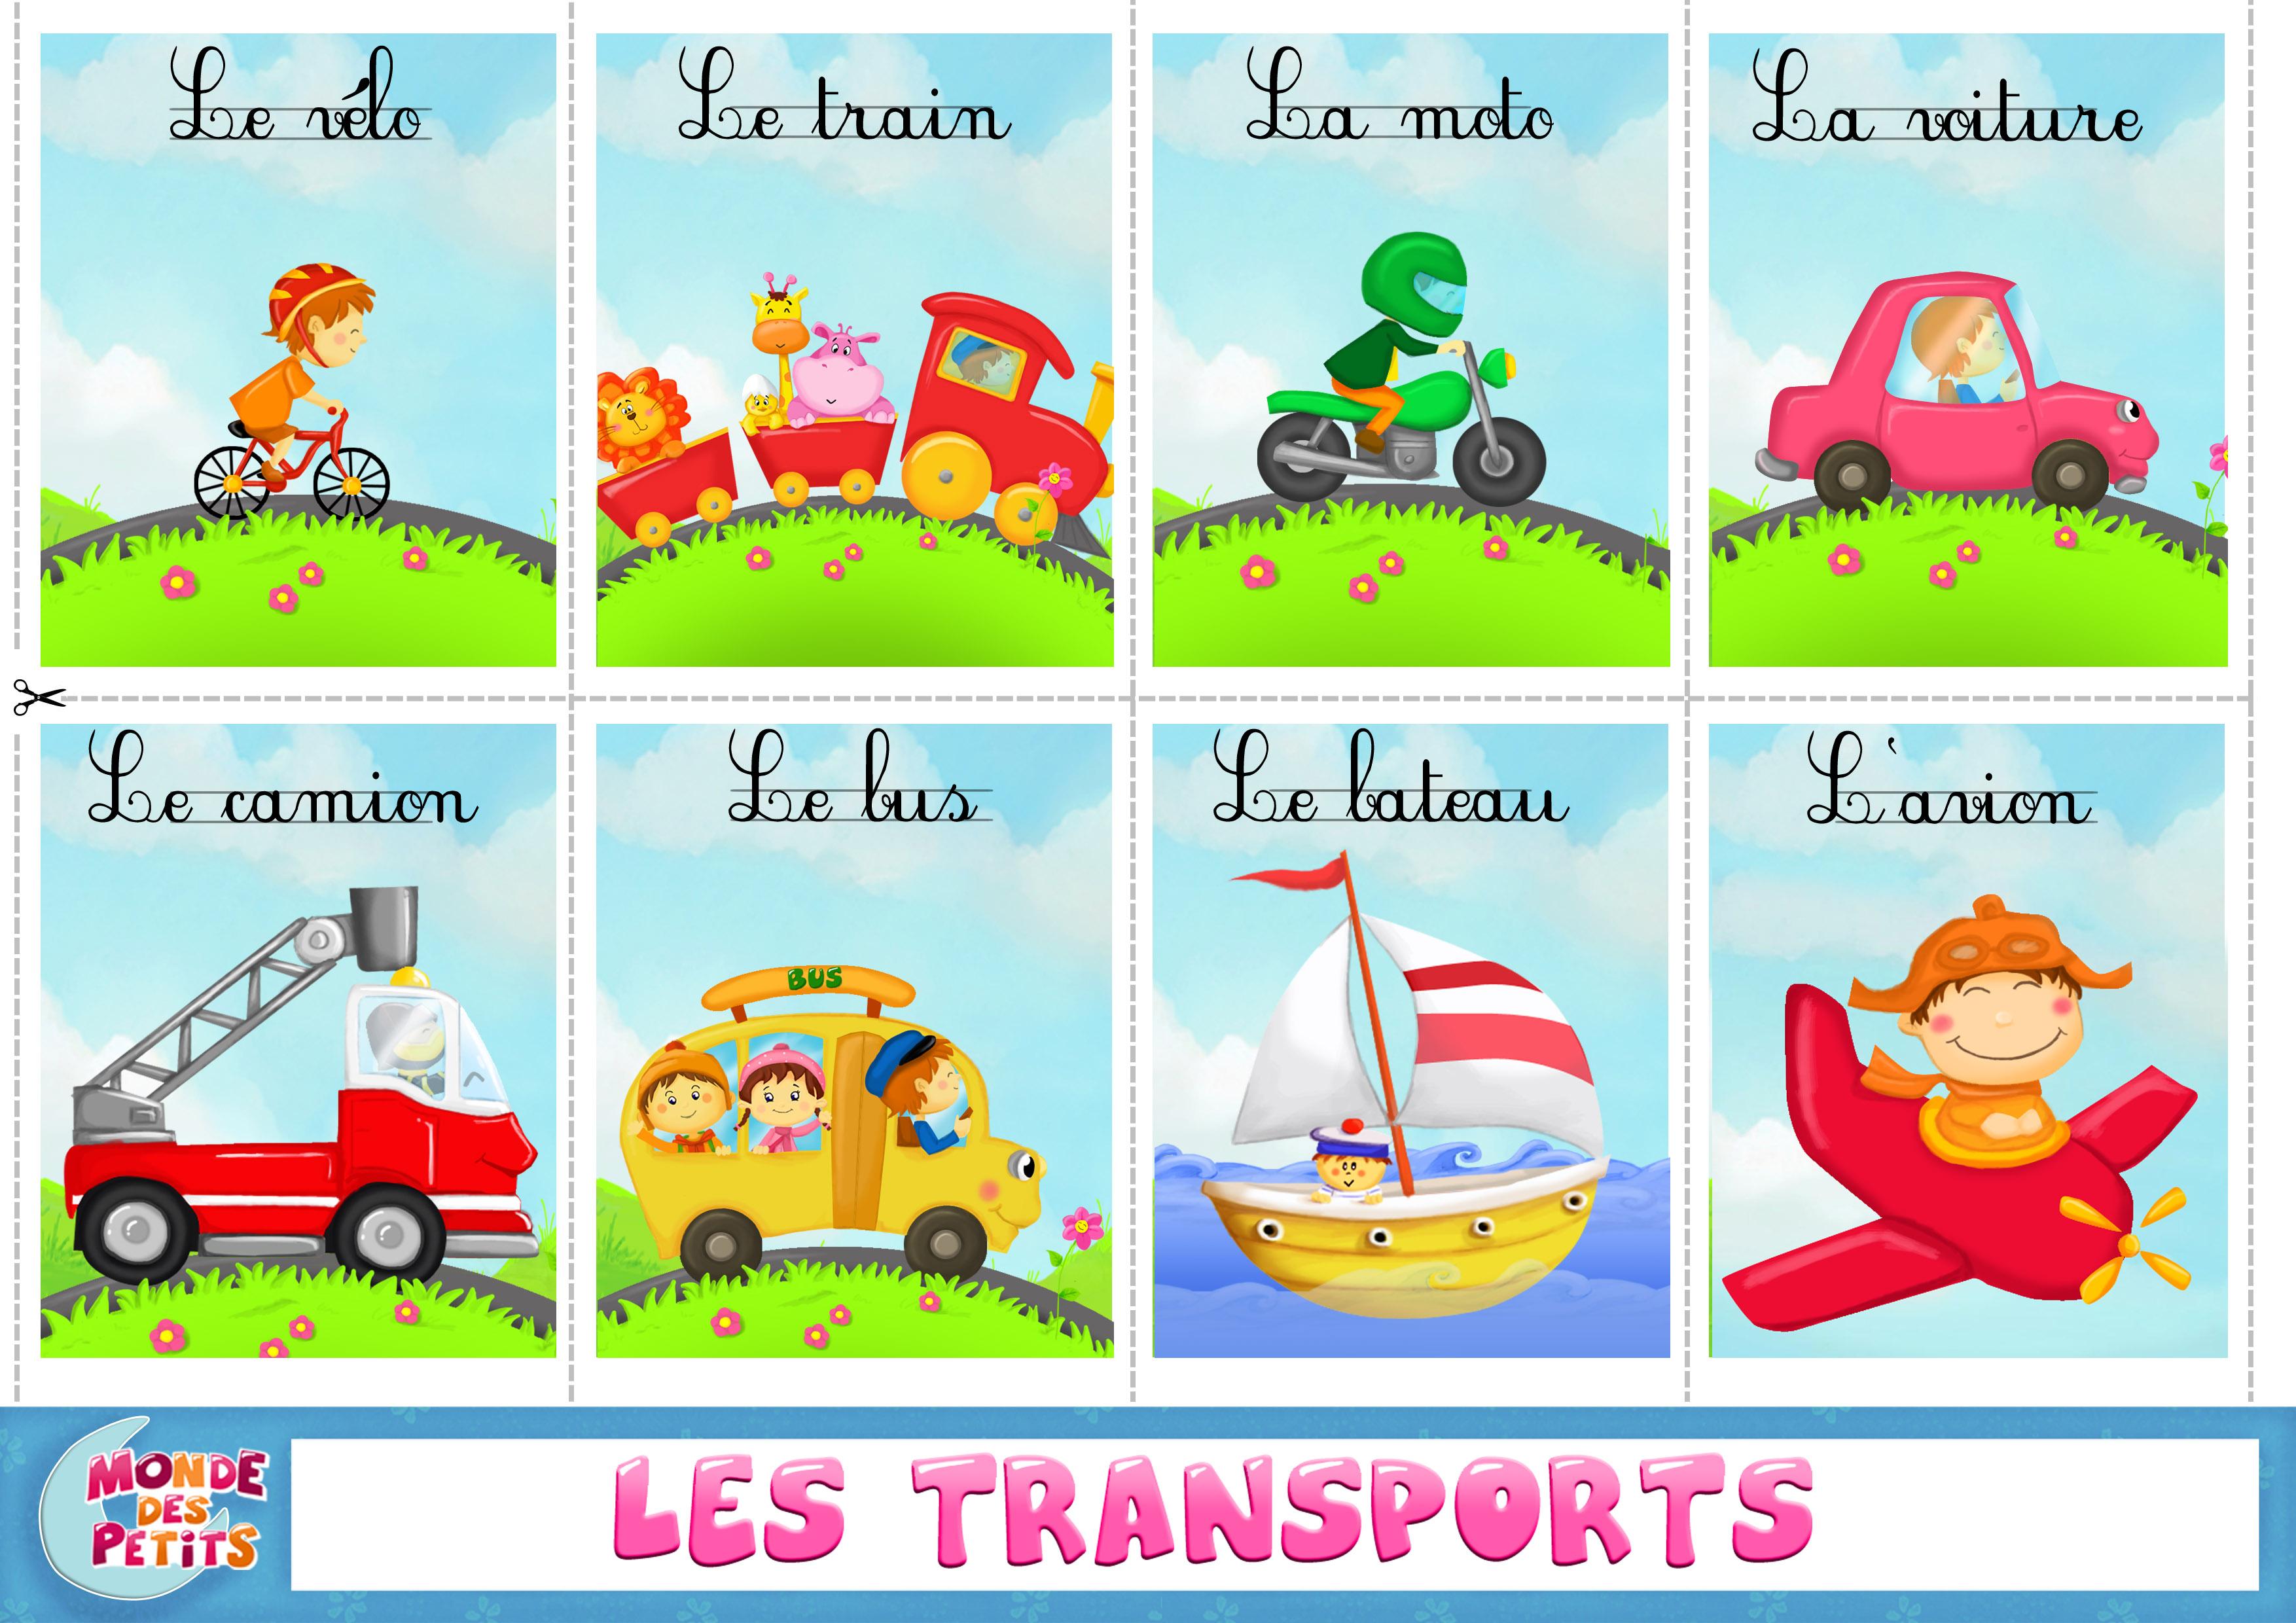 http://www.mondedestitounis.fr/images/apprendre-transport-francais.jpg